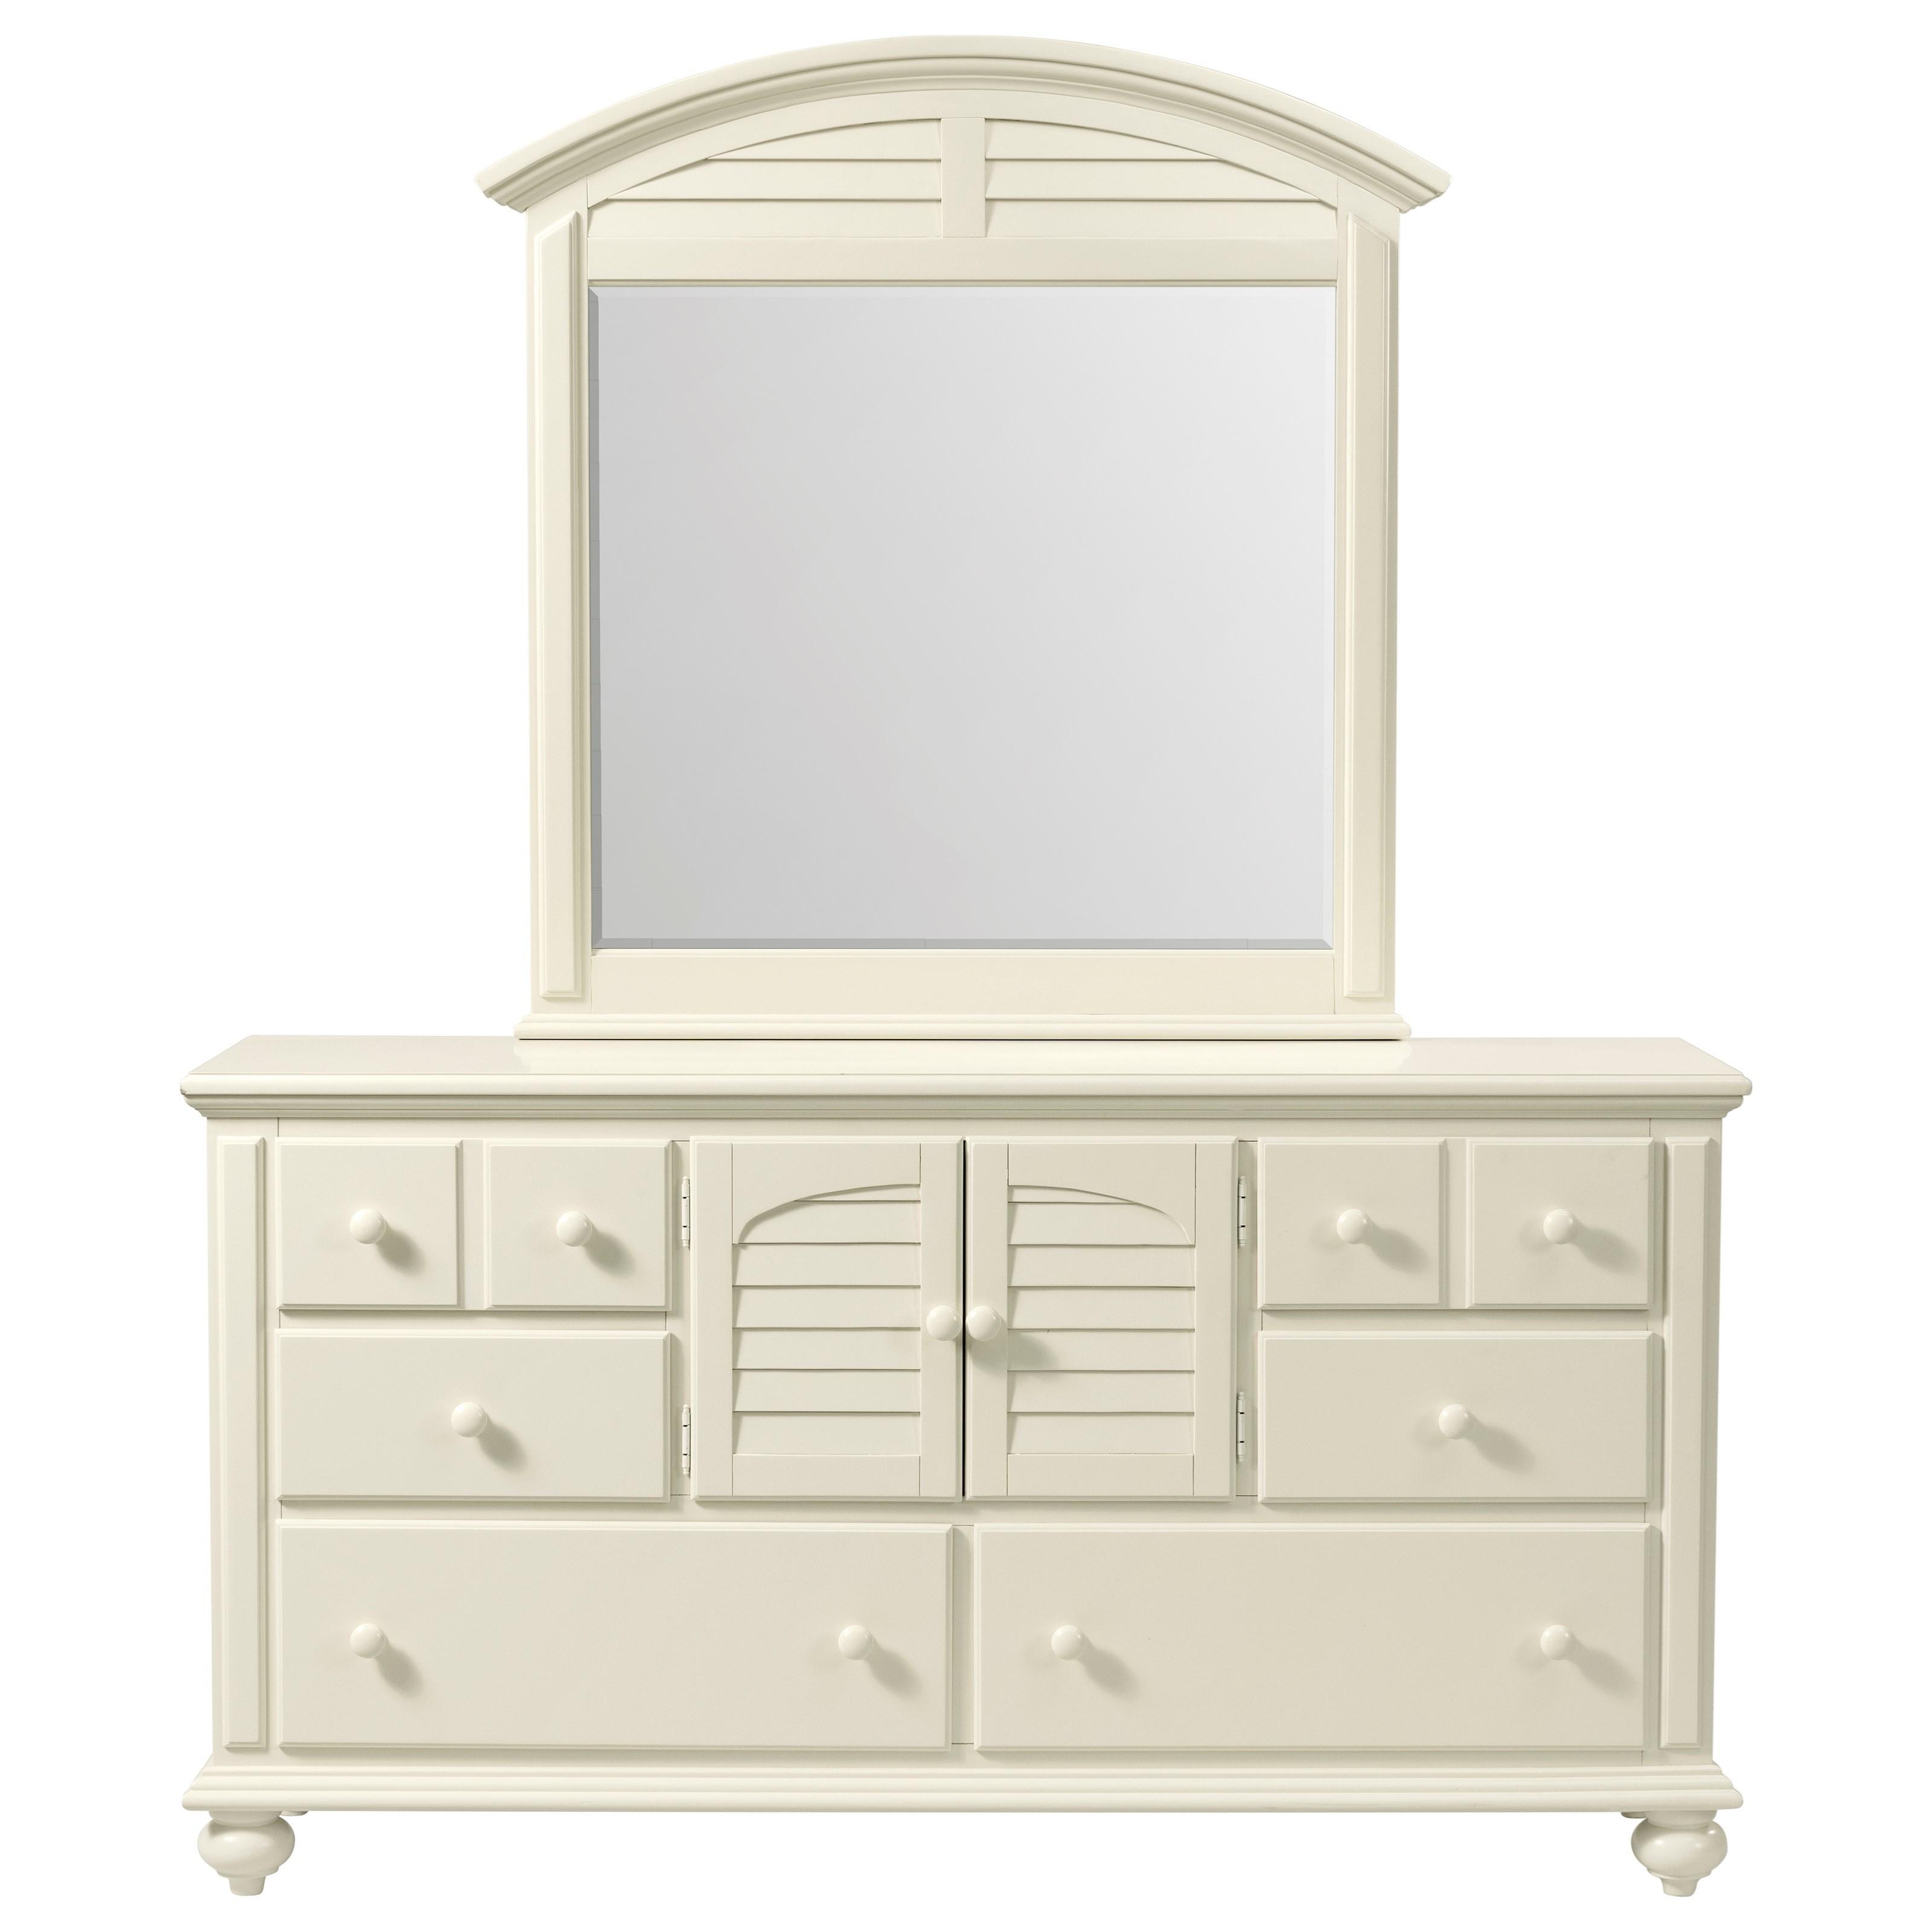 Coastal Cottage Door Dresser by Stillwater Furniture at Baer's Furniture